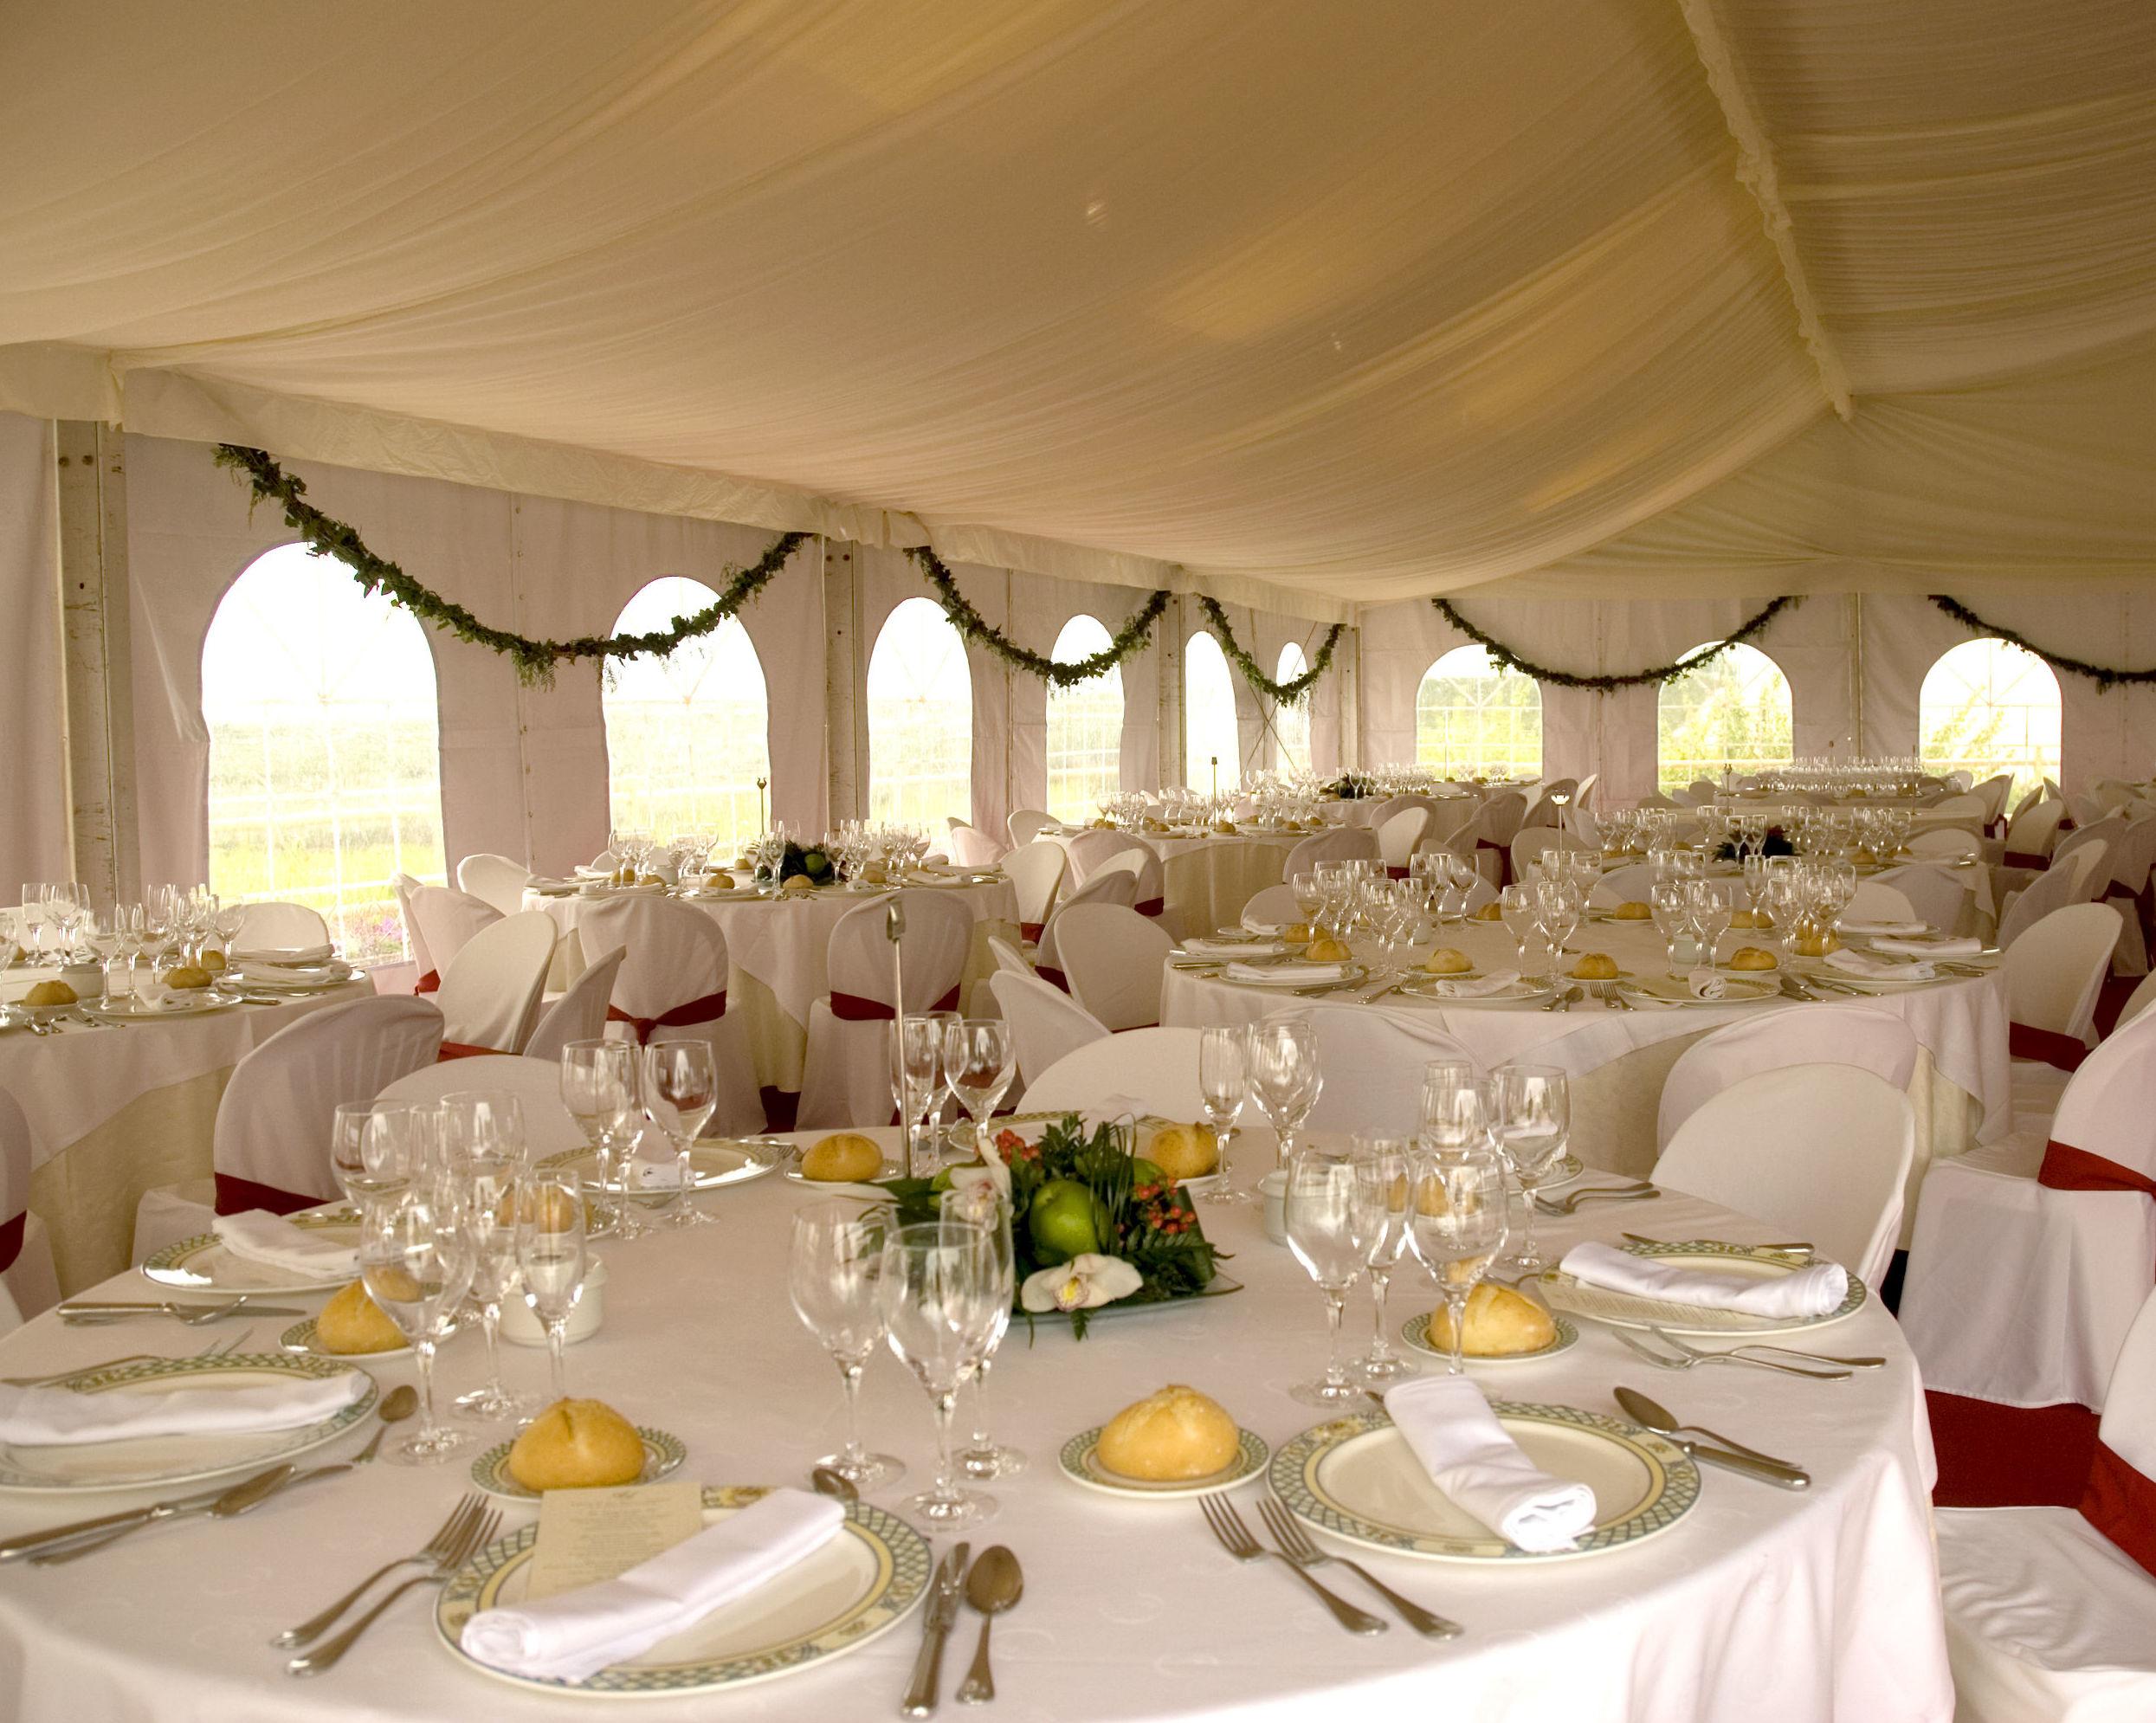 Alquiler de cristalería, cubertería y menaje para bodas en Murcia